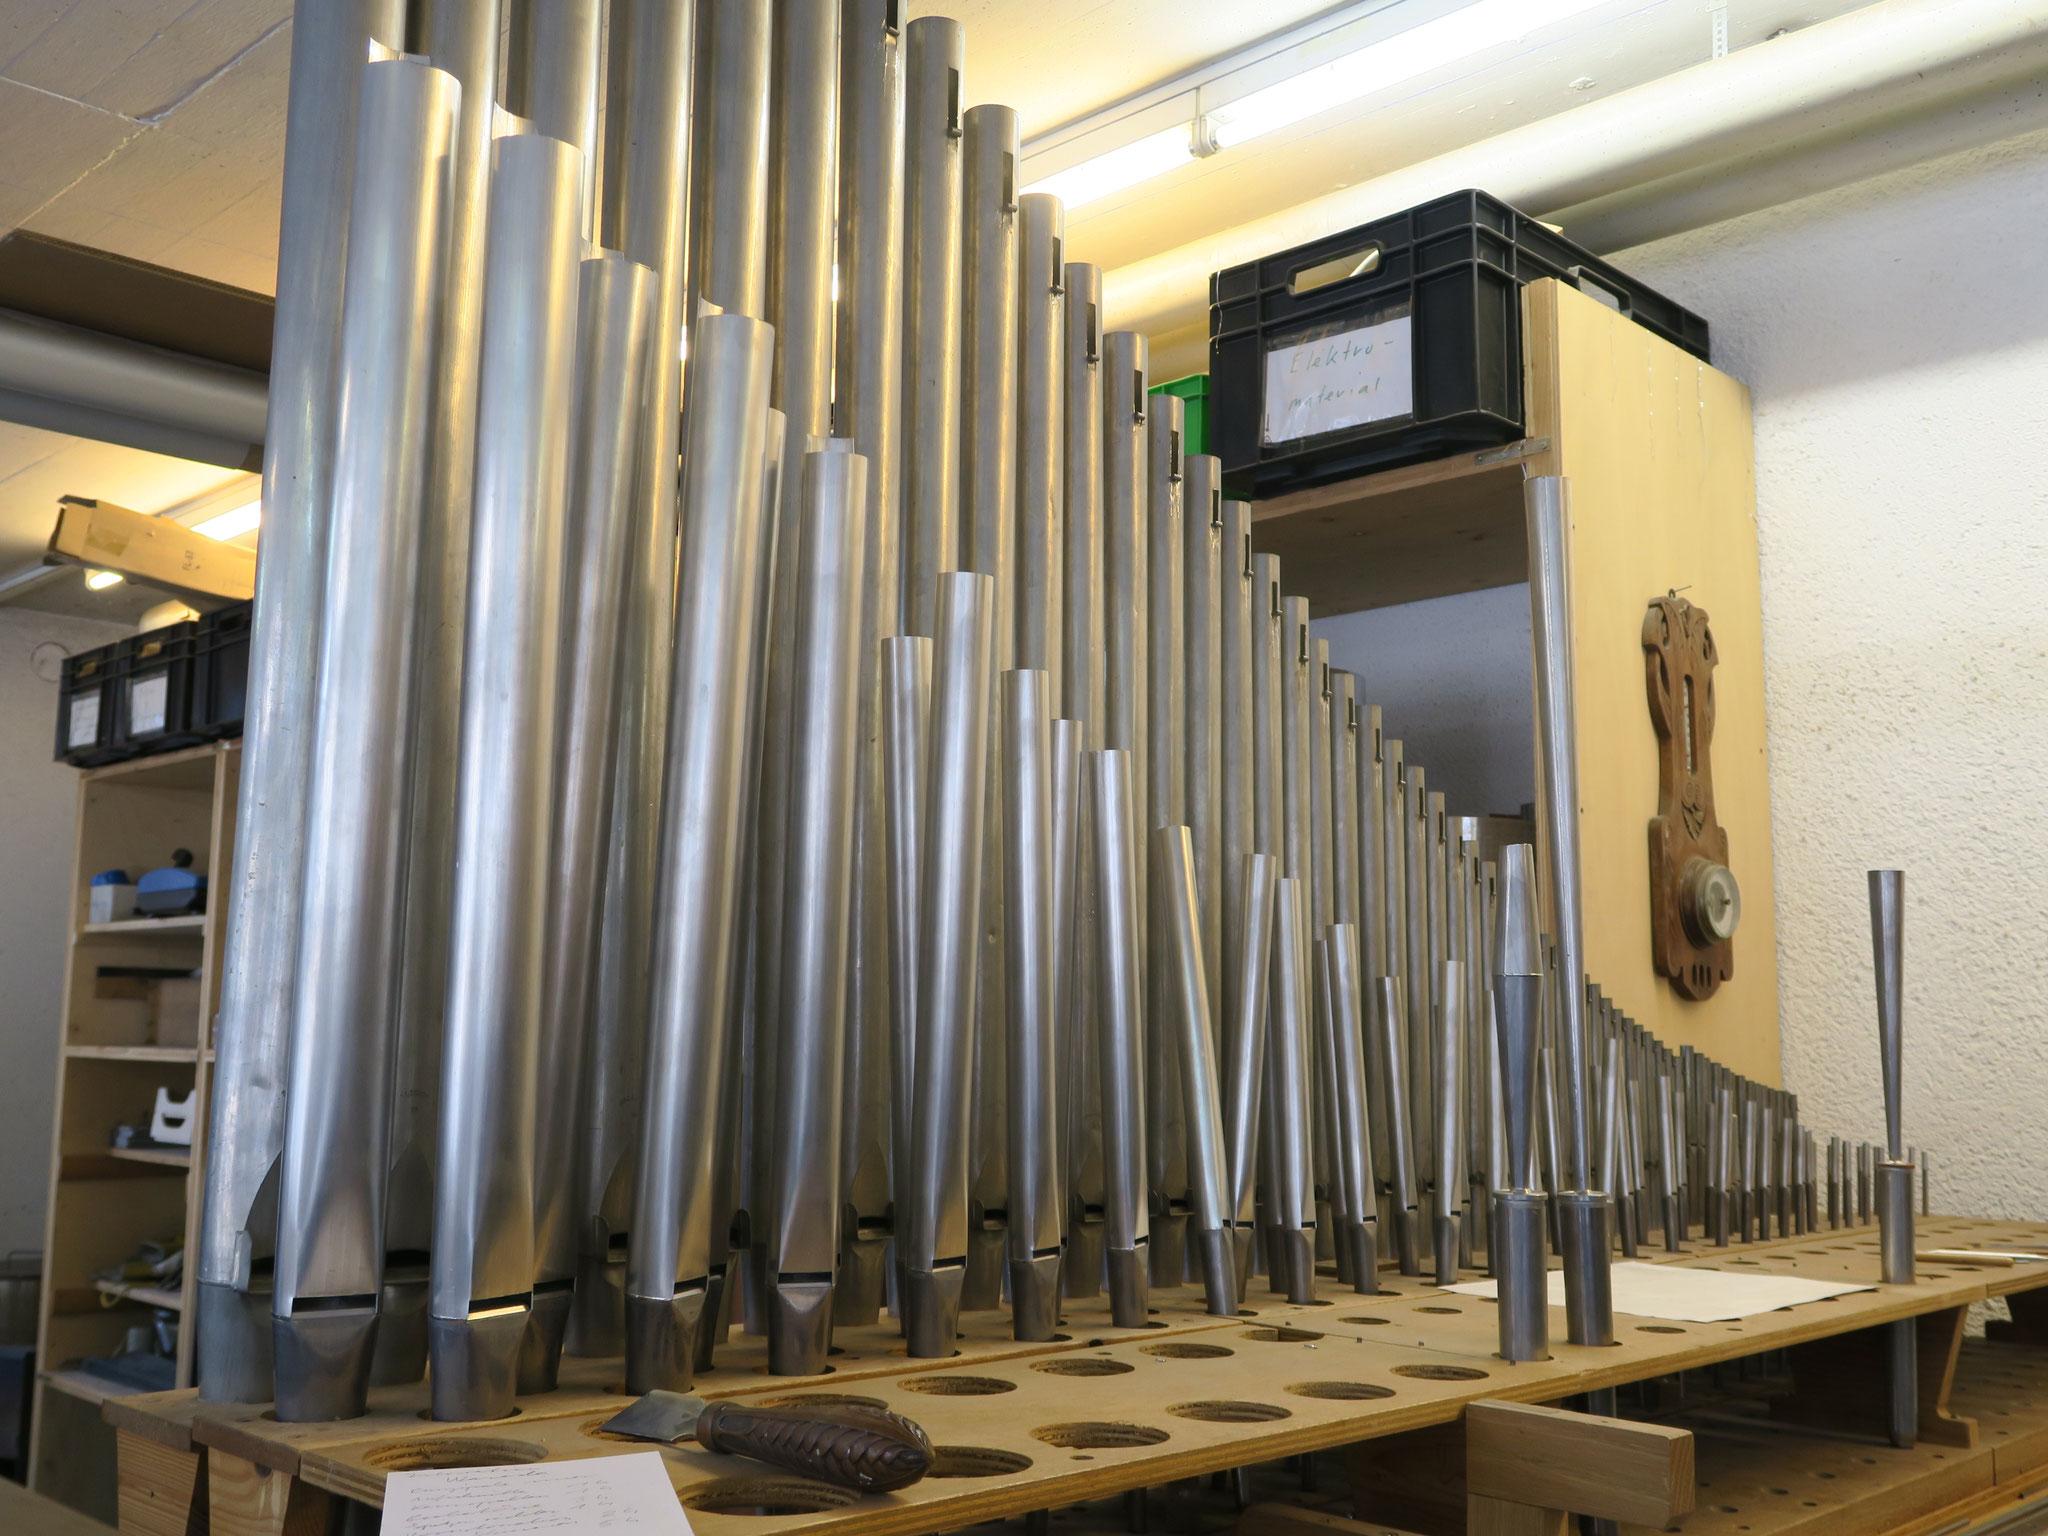 In der Werkstatt des Zinnpfeifenbauer Marco Veneconi